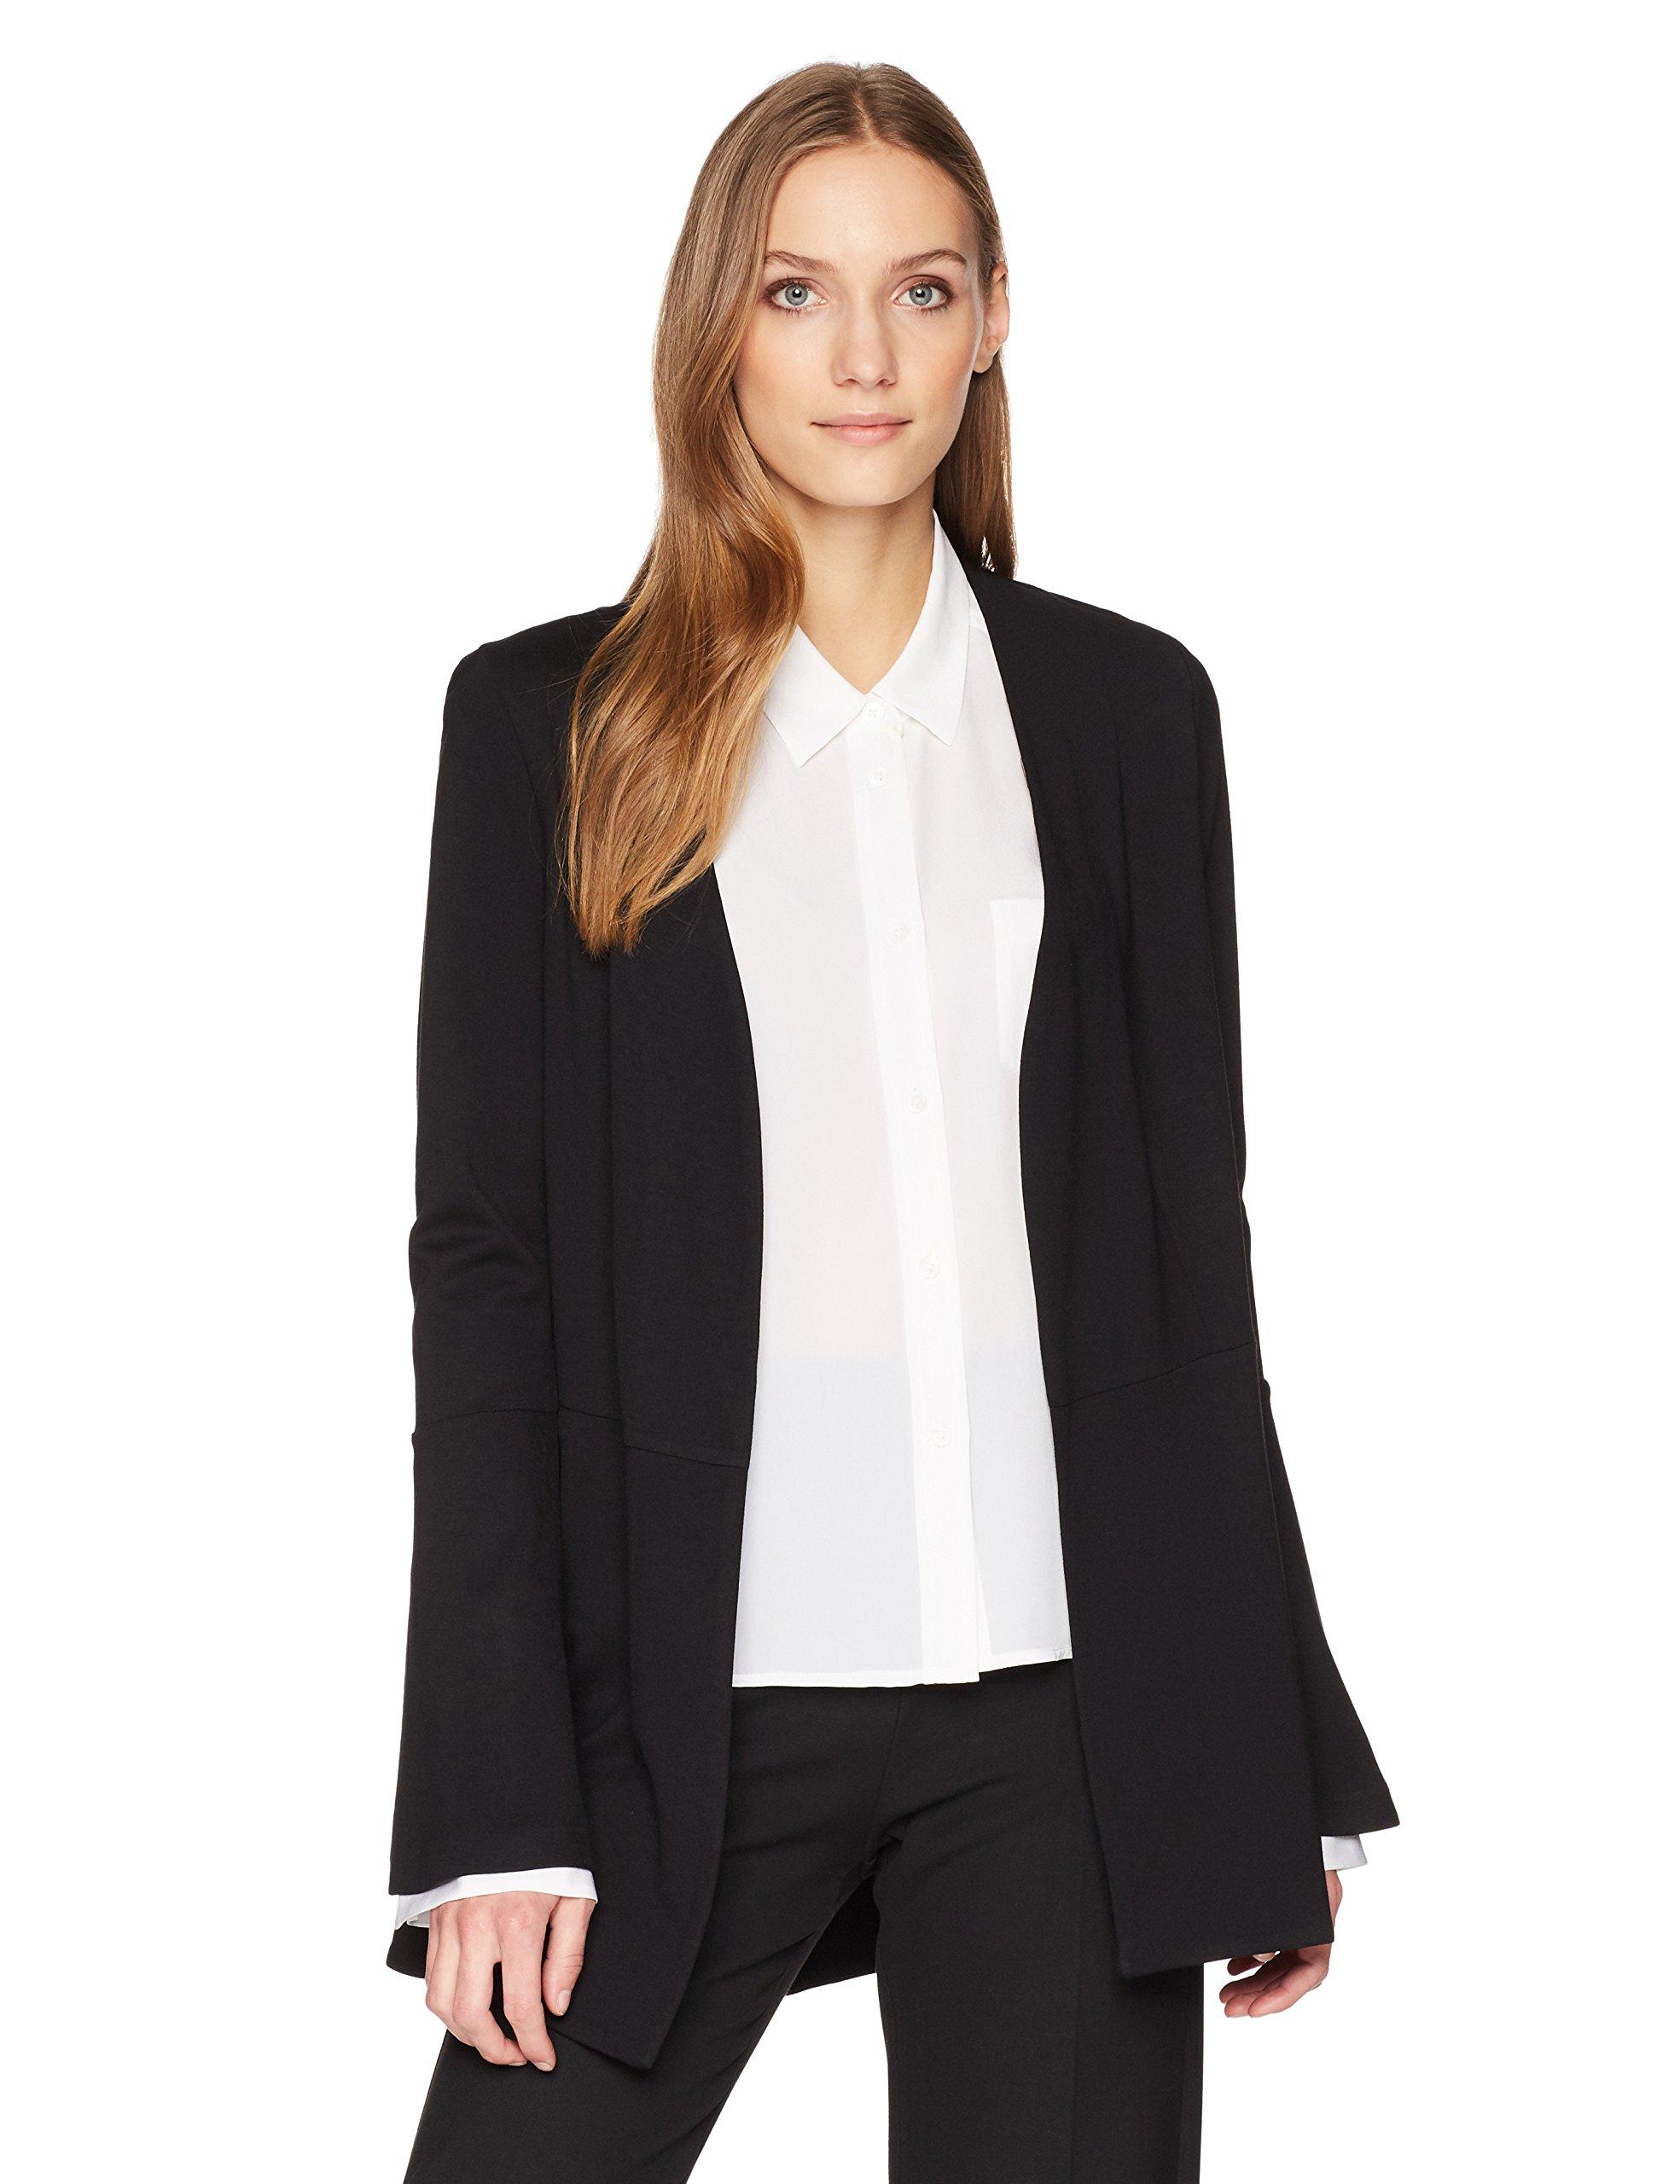 Lyssé Women's Macklin Ponte Jacket, Black, XL